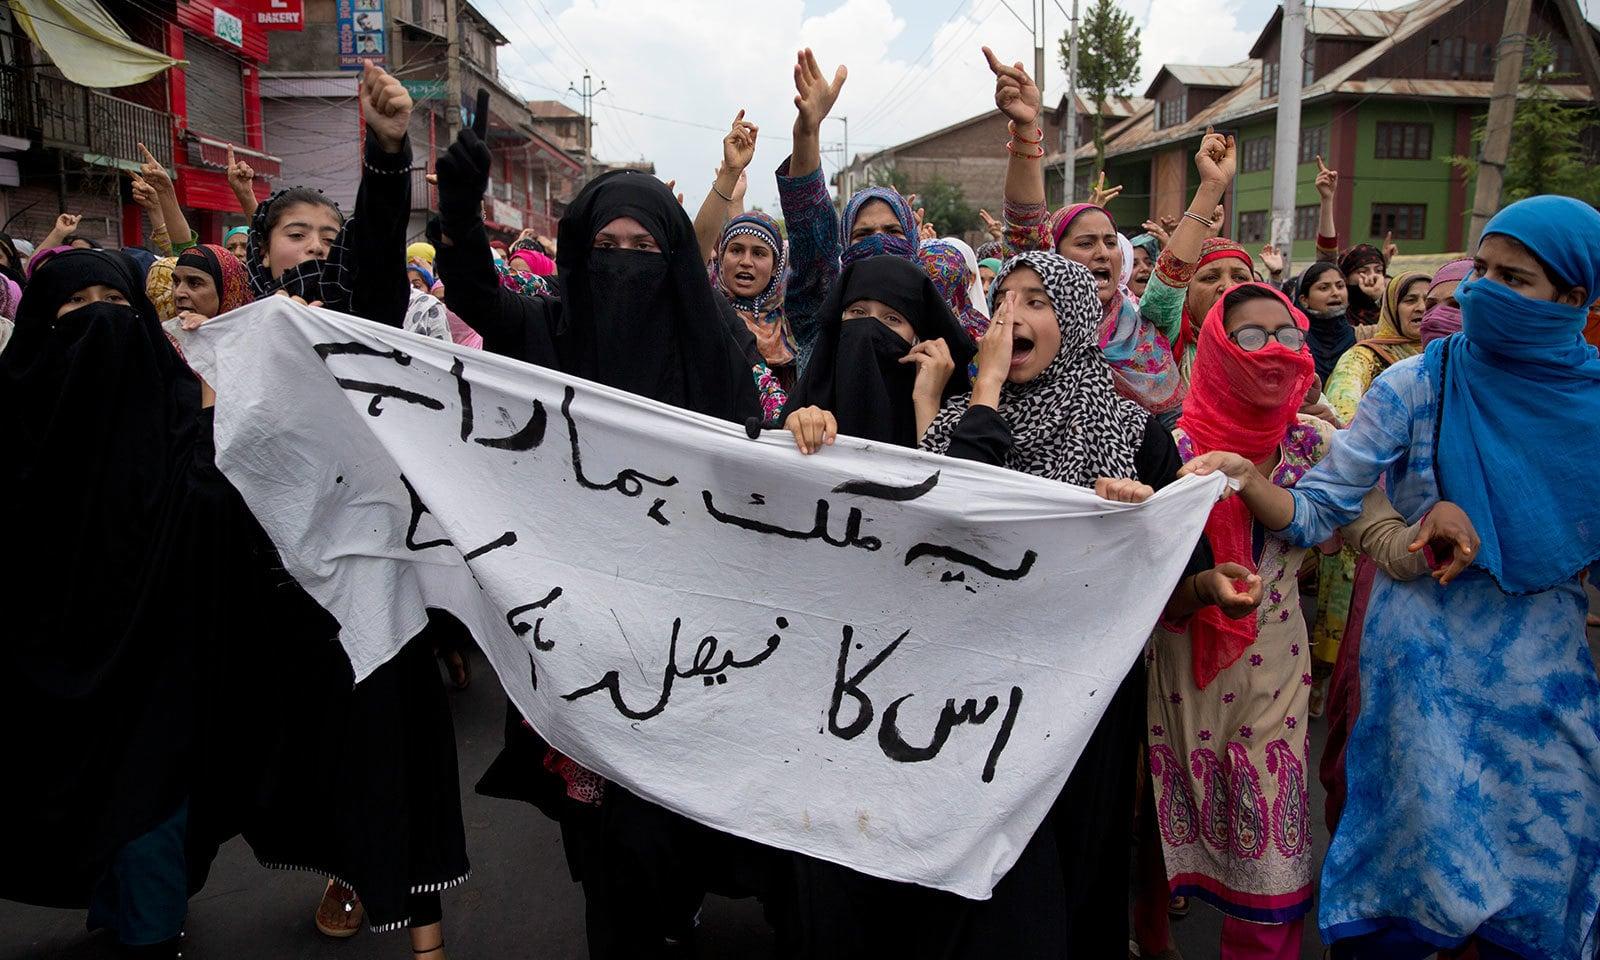 سری نگر میں خواتین نے بھی بھارت کے خلاف احتجاج کیا—فوٹو:اے پی